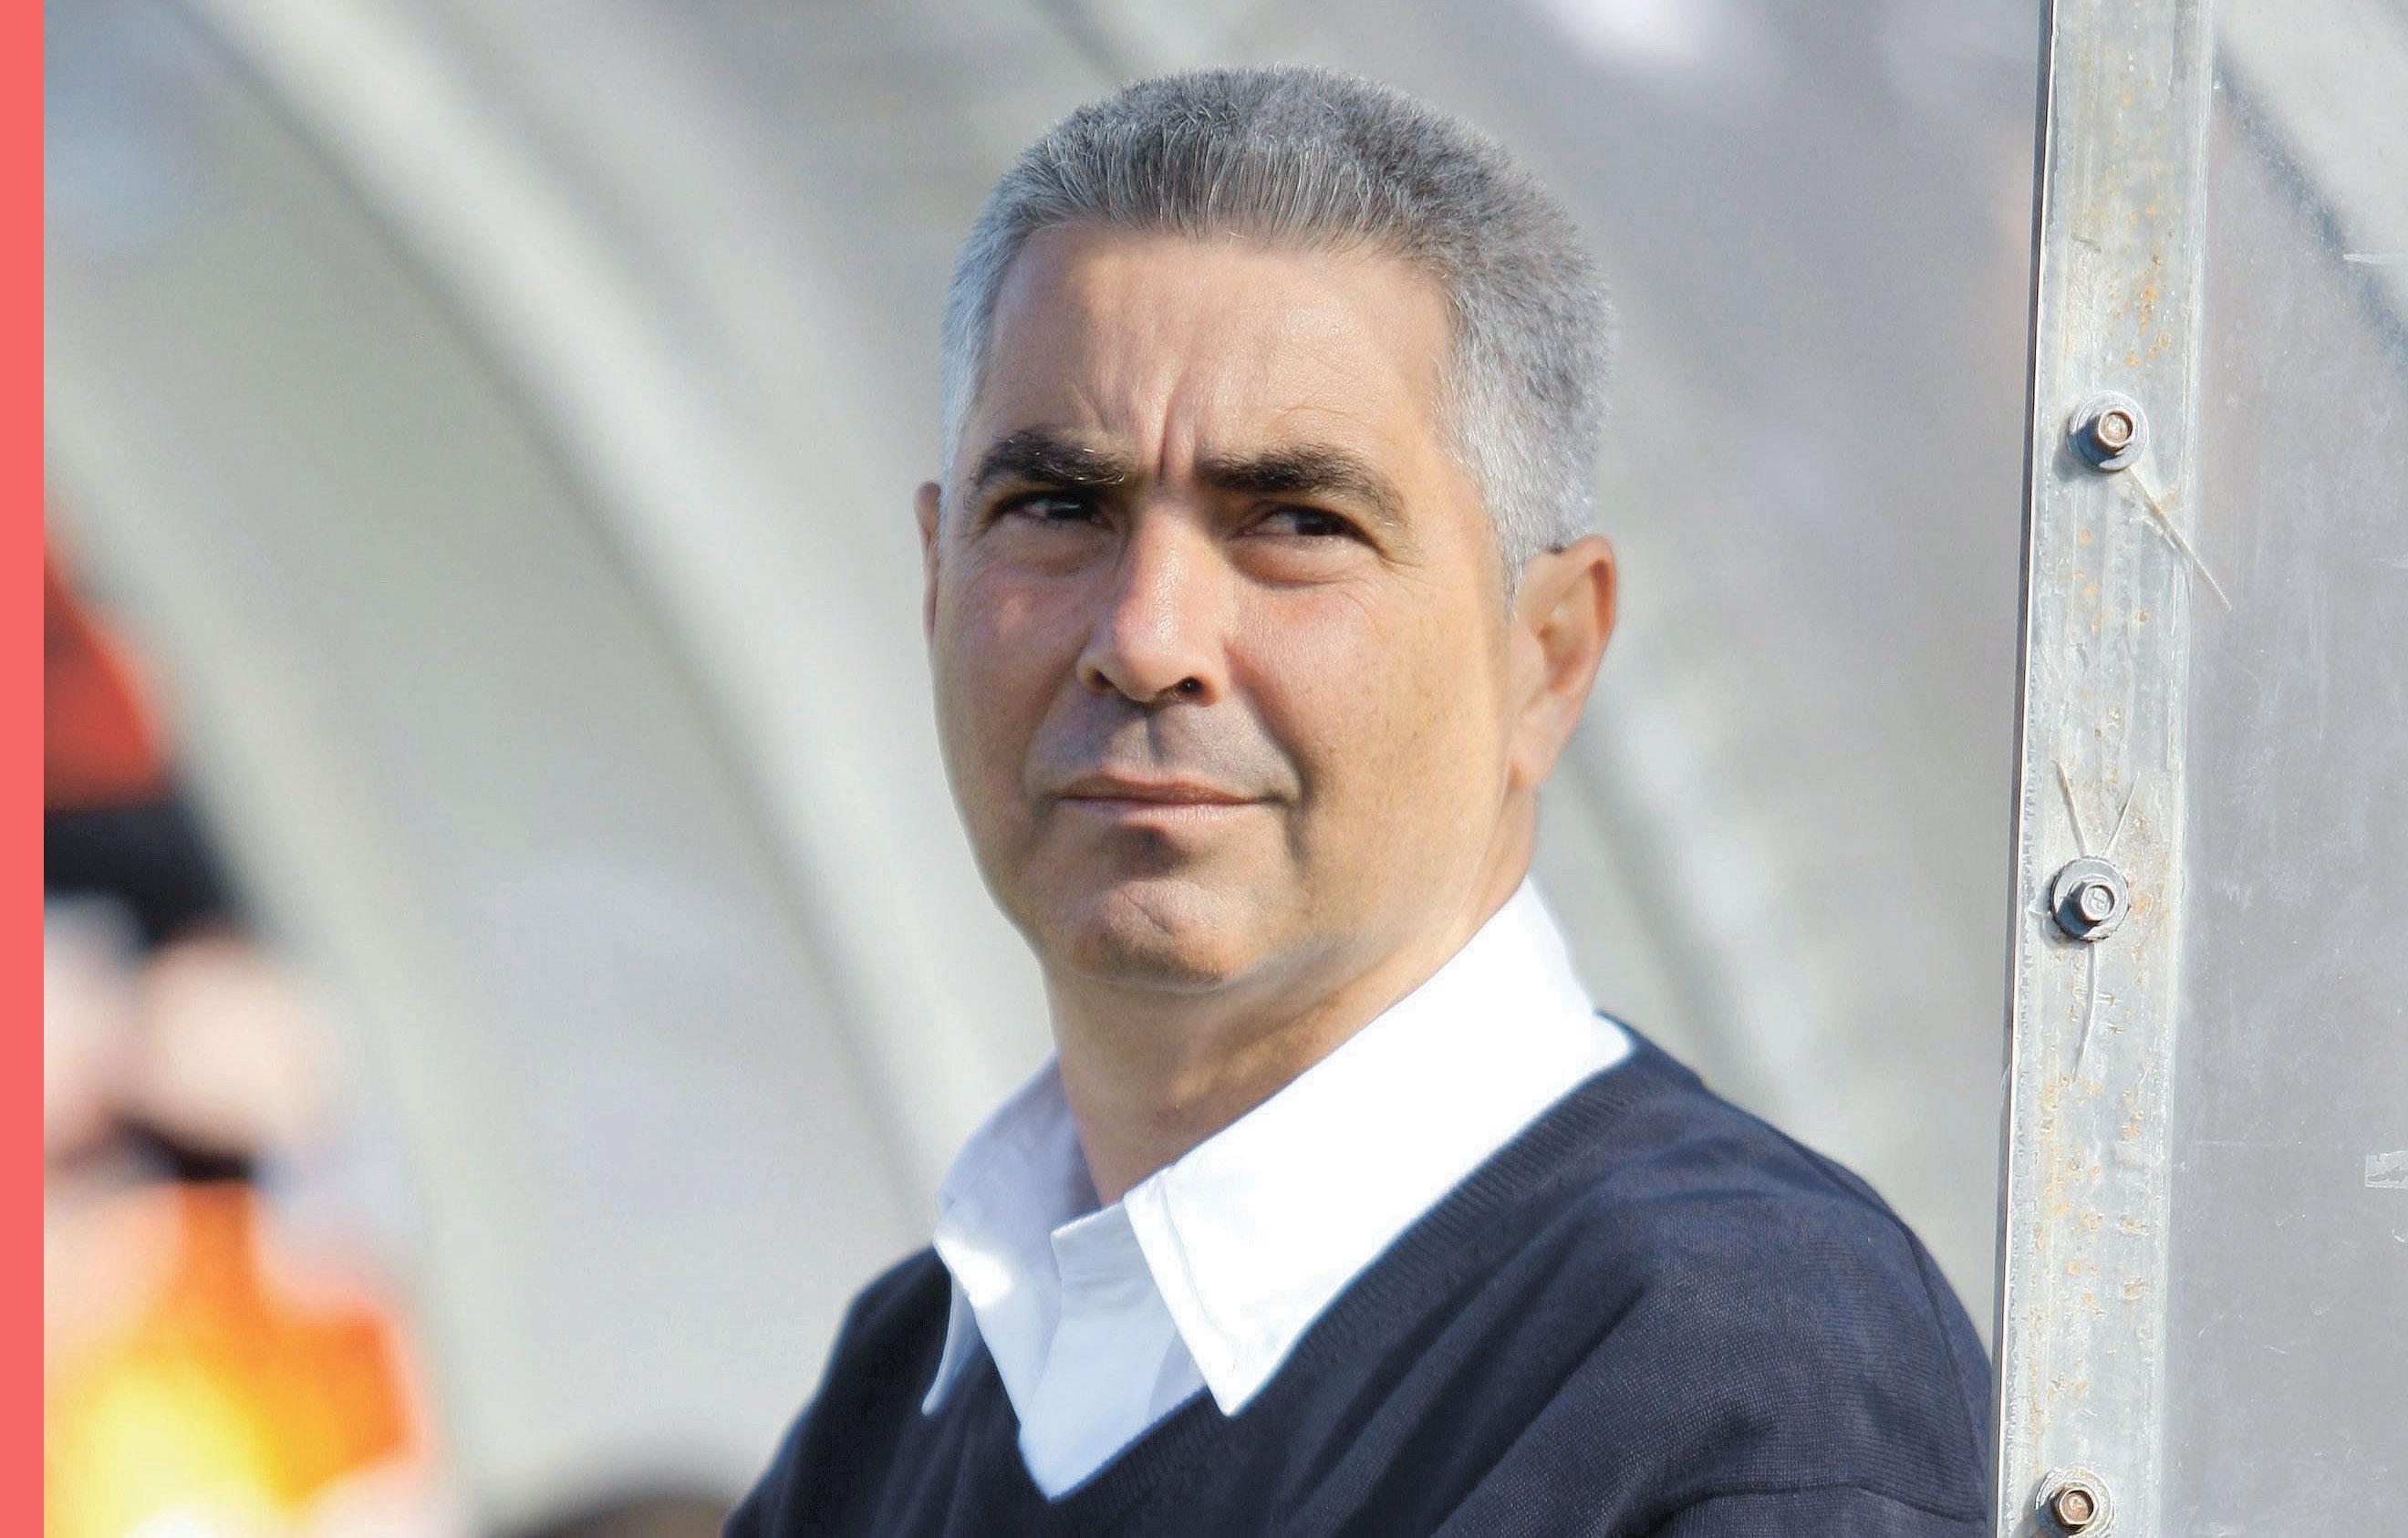 פרדי דוד צילום נמרוד גליקמן